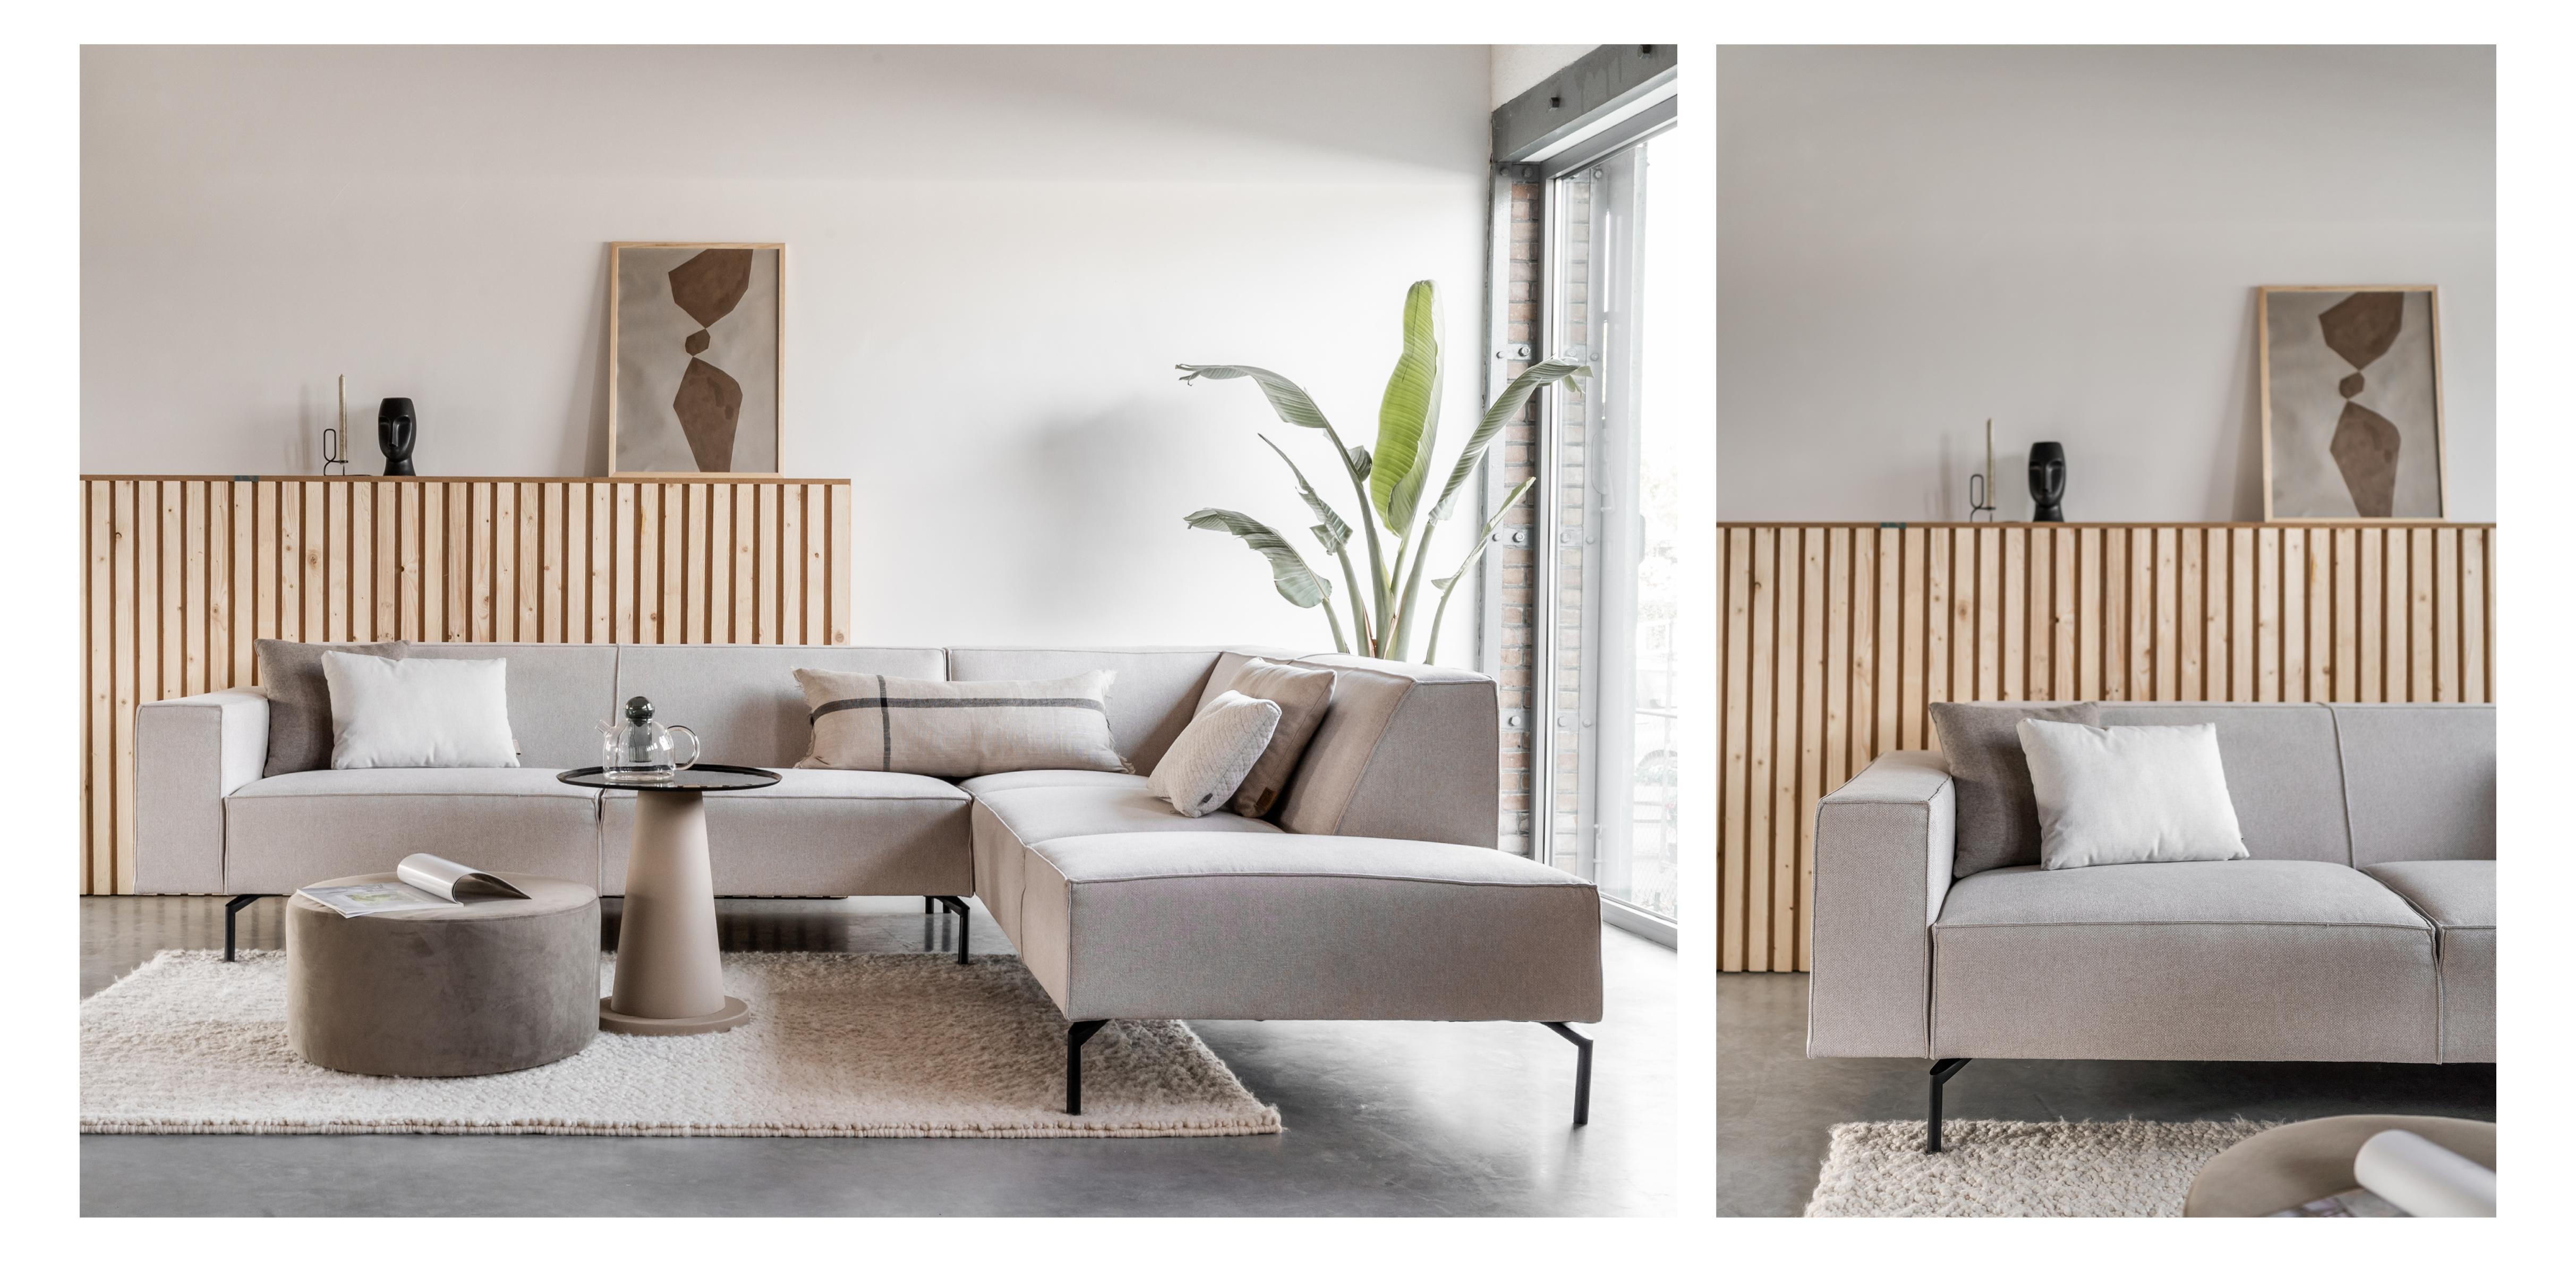 Nord, By SIDDE, interieur, interieurtrend, scandinavisch design, hoekbank.